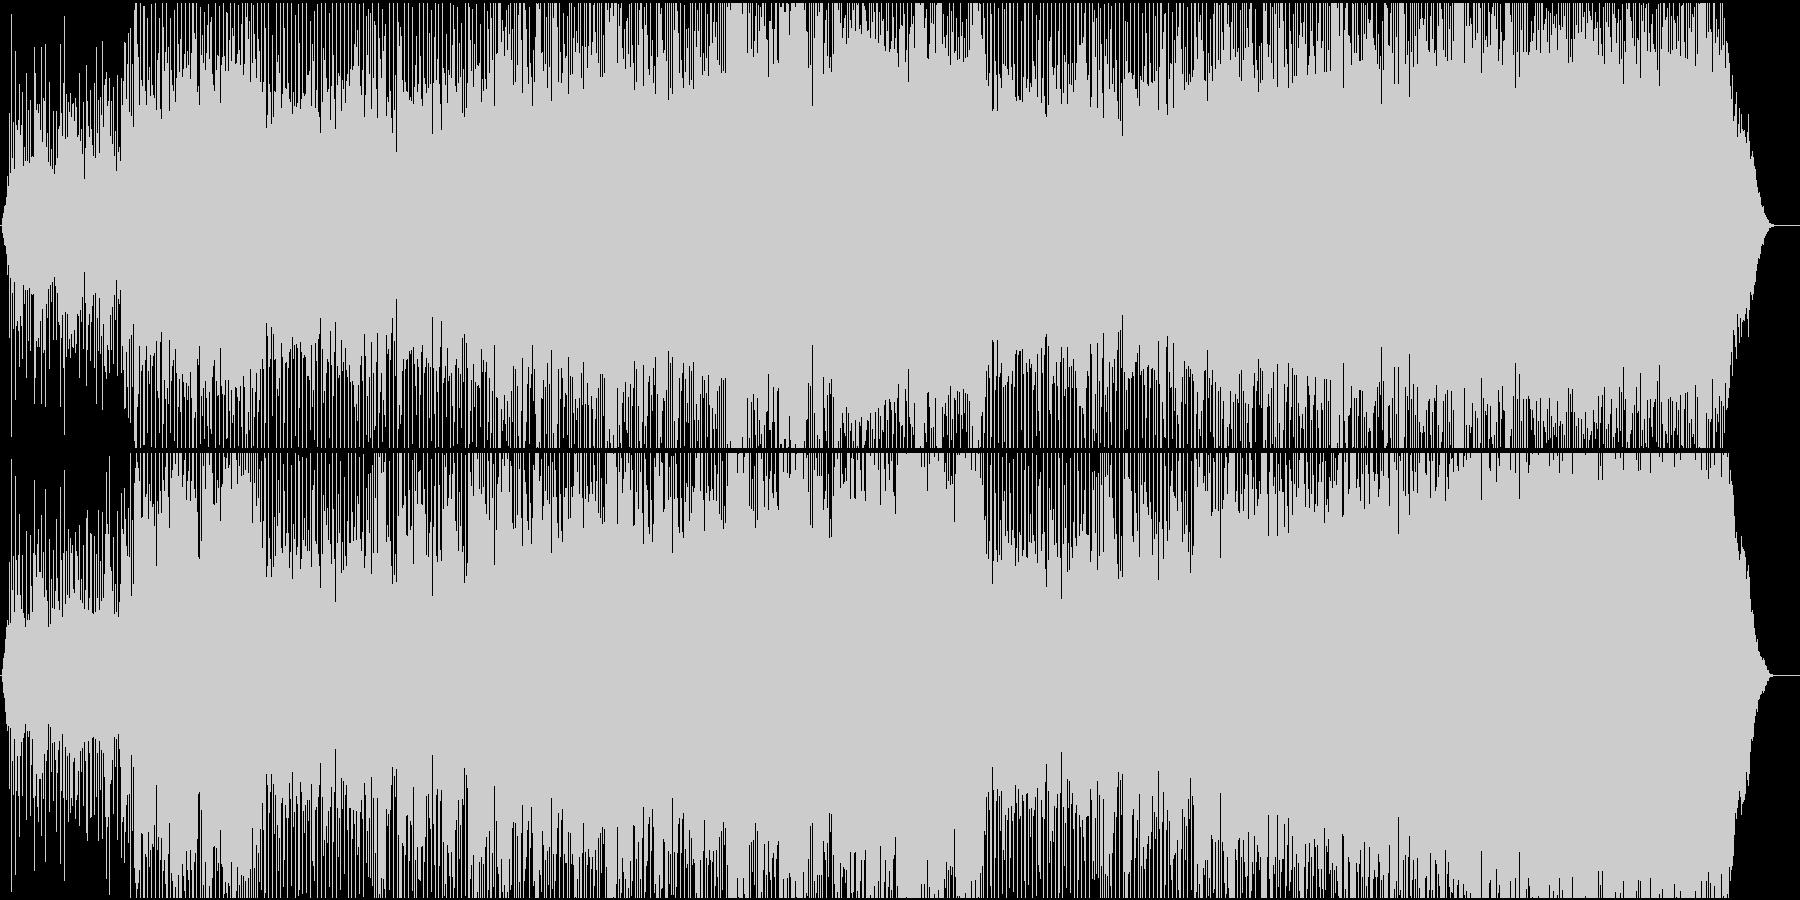 前向き高揚感のあるライトなビートの未再生の波形